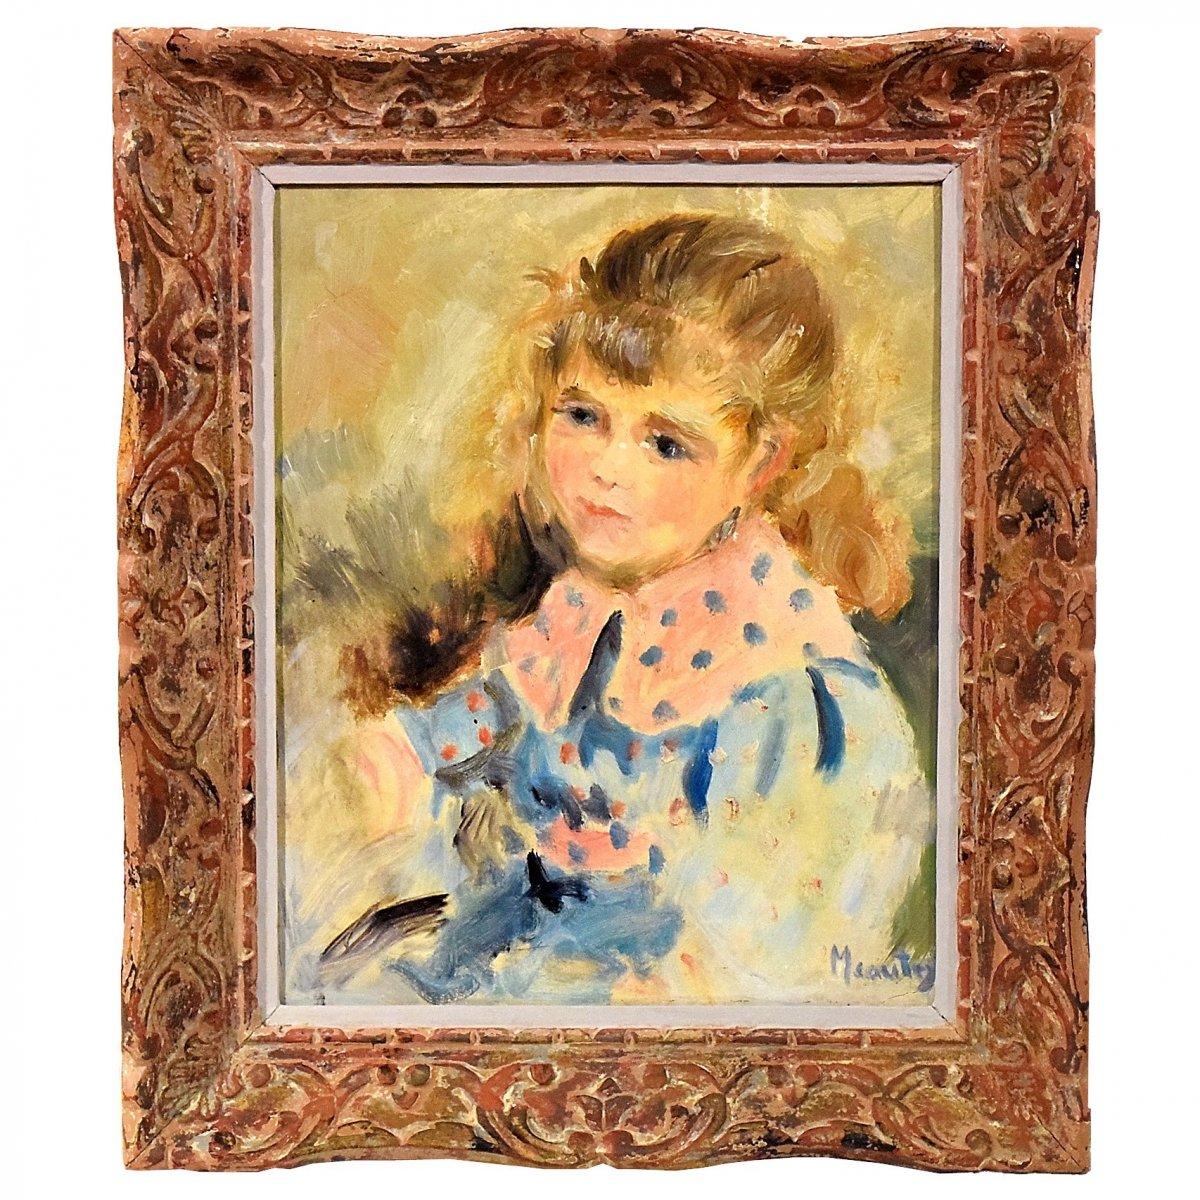 Portrait de jeune fille par Meautry